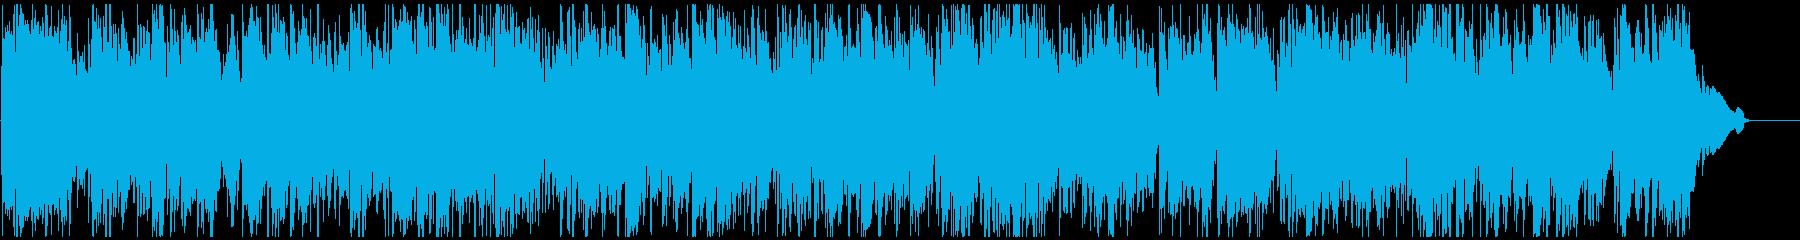 わくわくする高揚感あるジャズ サックス生の再生済みの波形